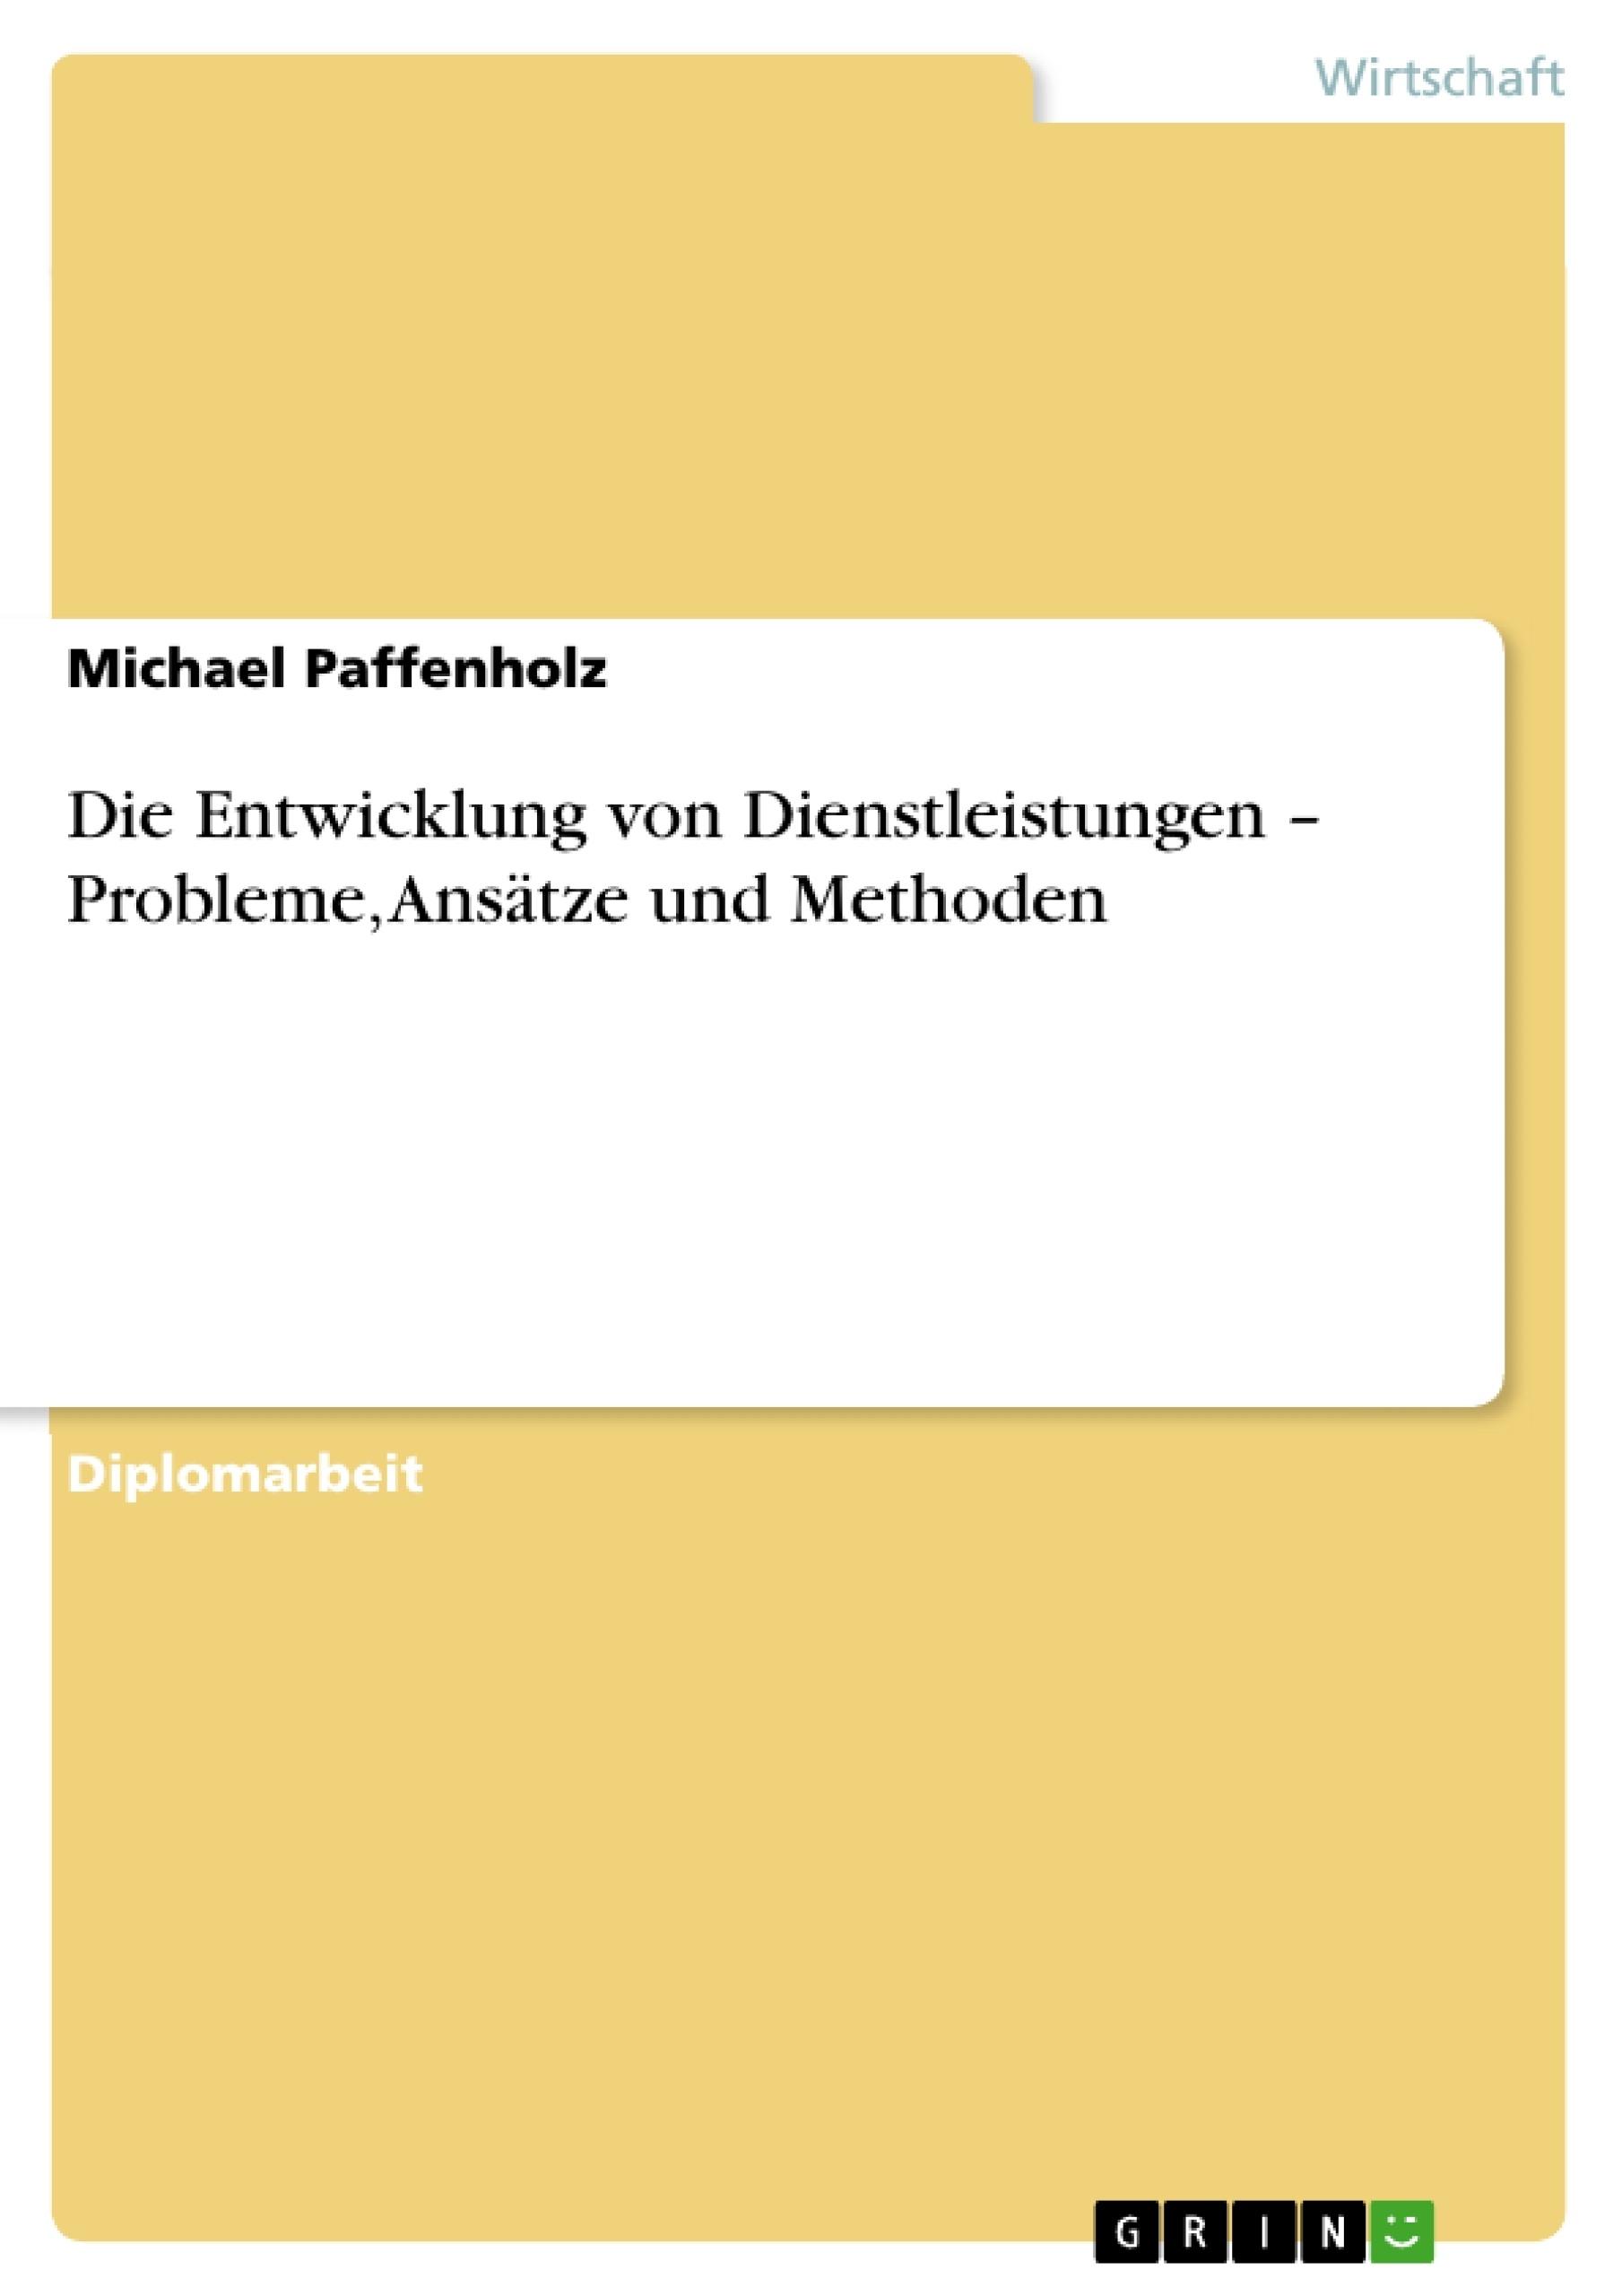 Titel: Die Entwicklung von Dienstleistungen – Probleme, Ansätze und Methoden